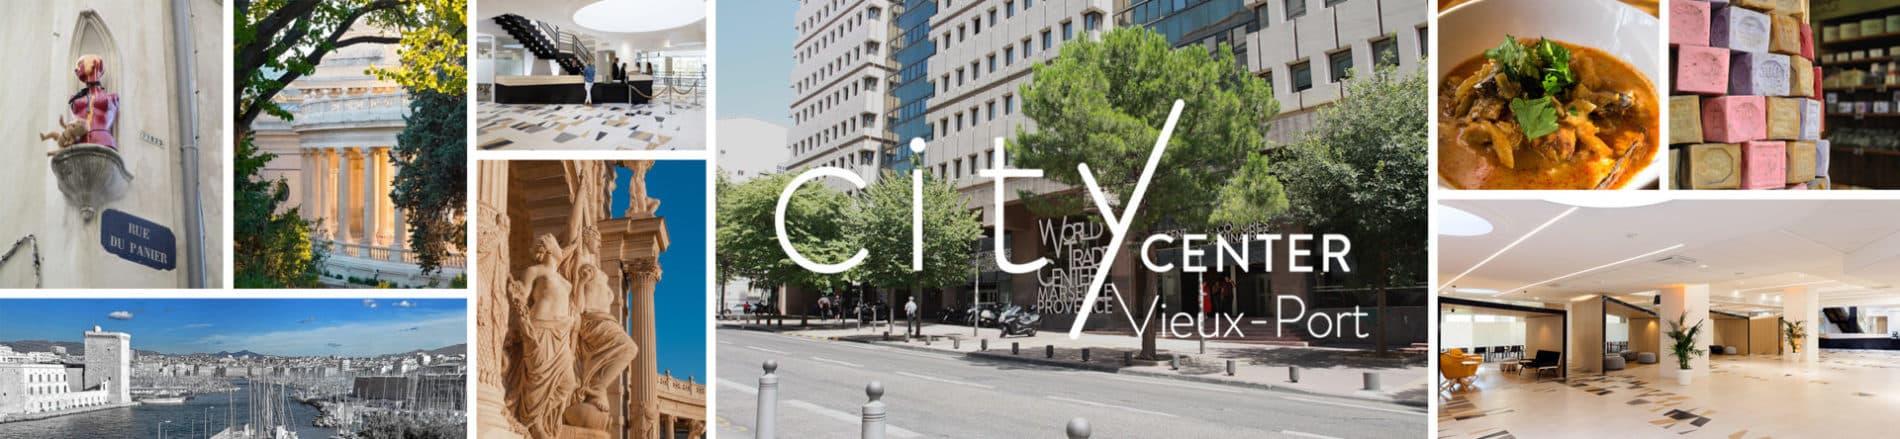 Centre d'affaires Vieux Port de Marseille